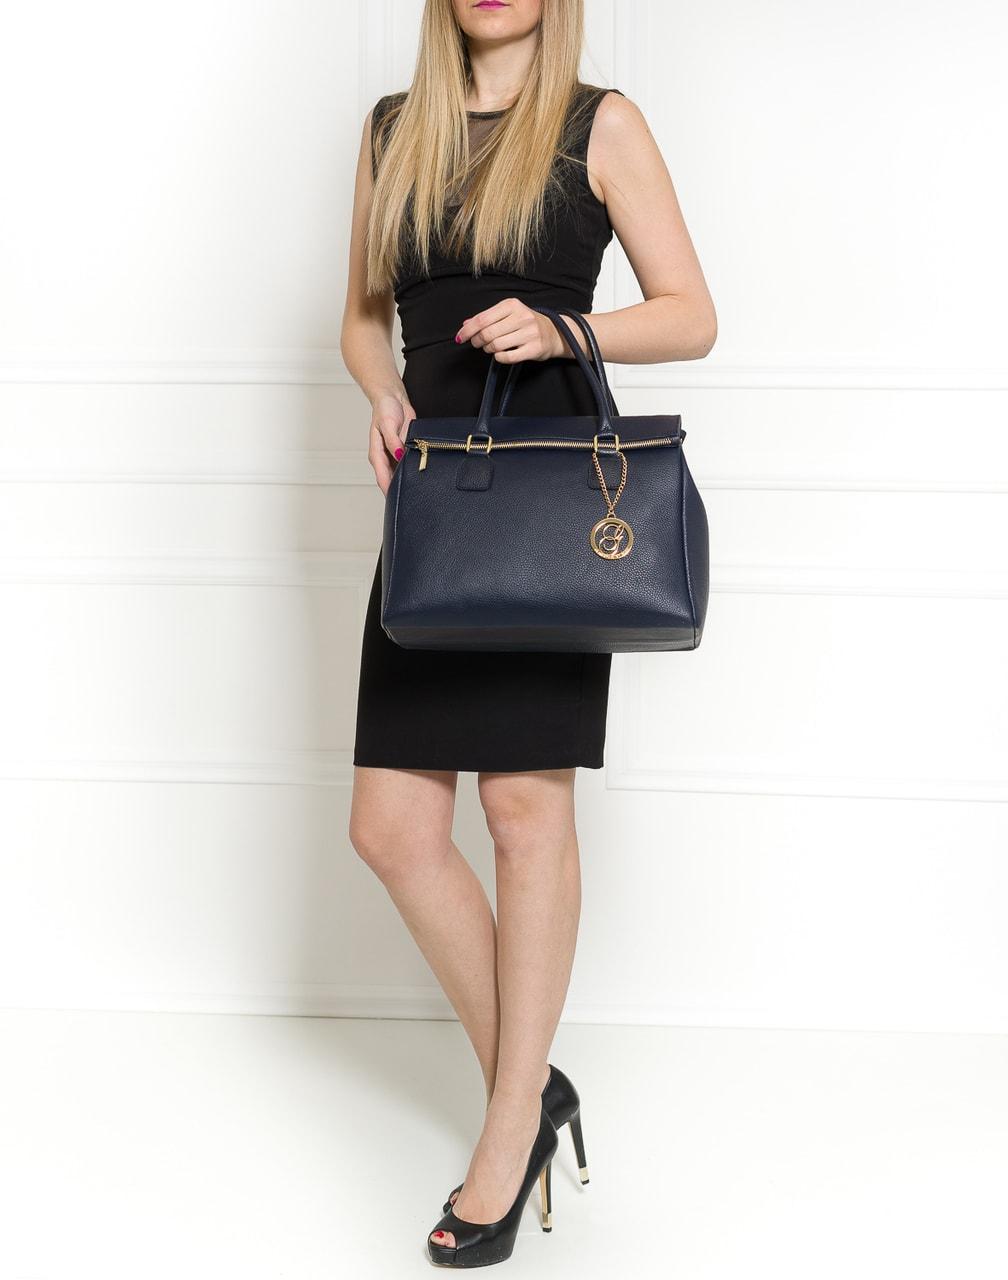 Glamadise.sk - Dámska kožená kabelka jednofarebná so zipsom - tmavá ... 97912d2fdb2